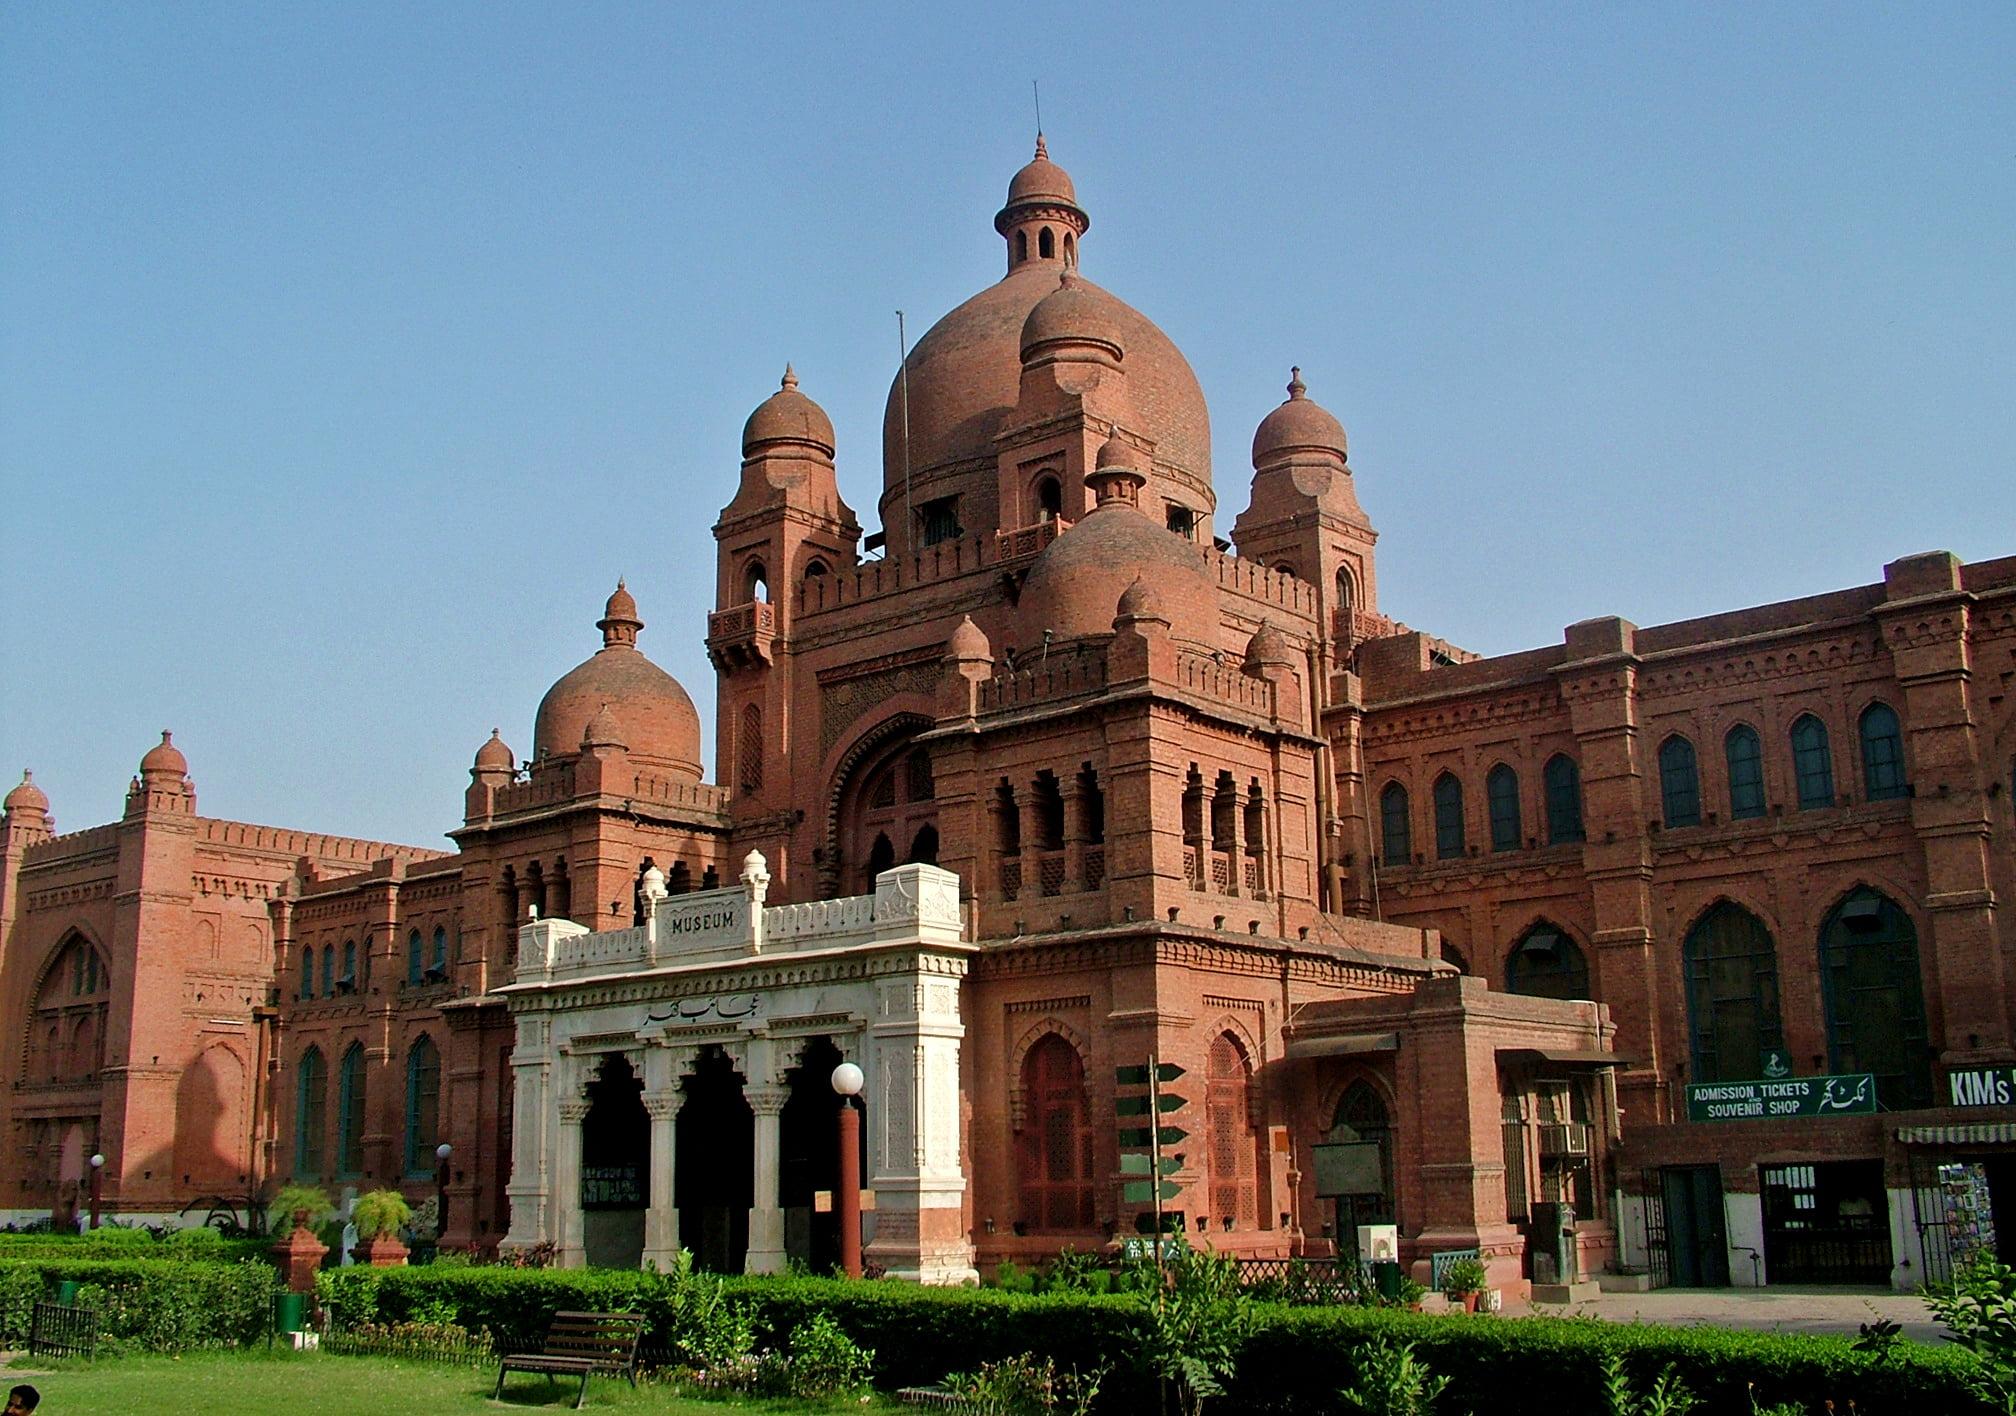 The Lahore Musium